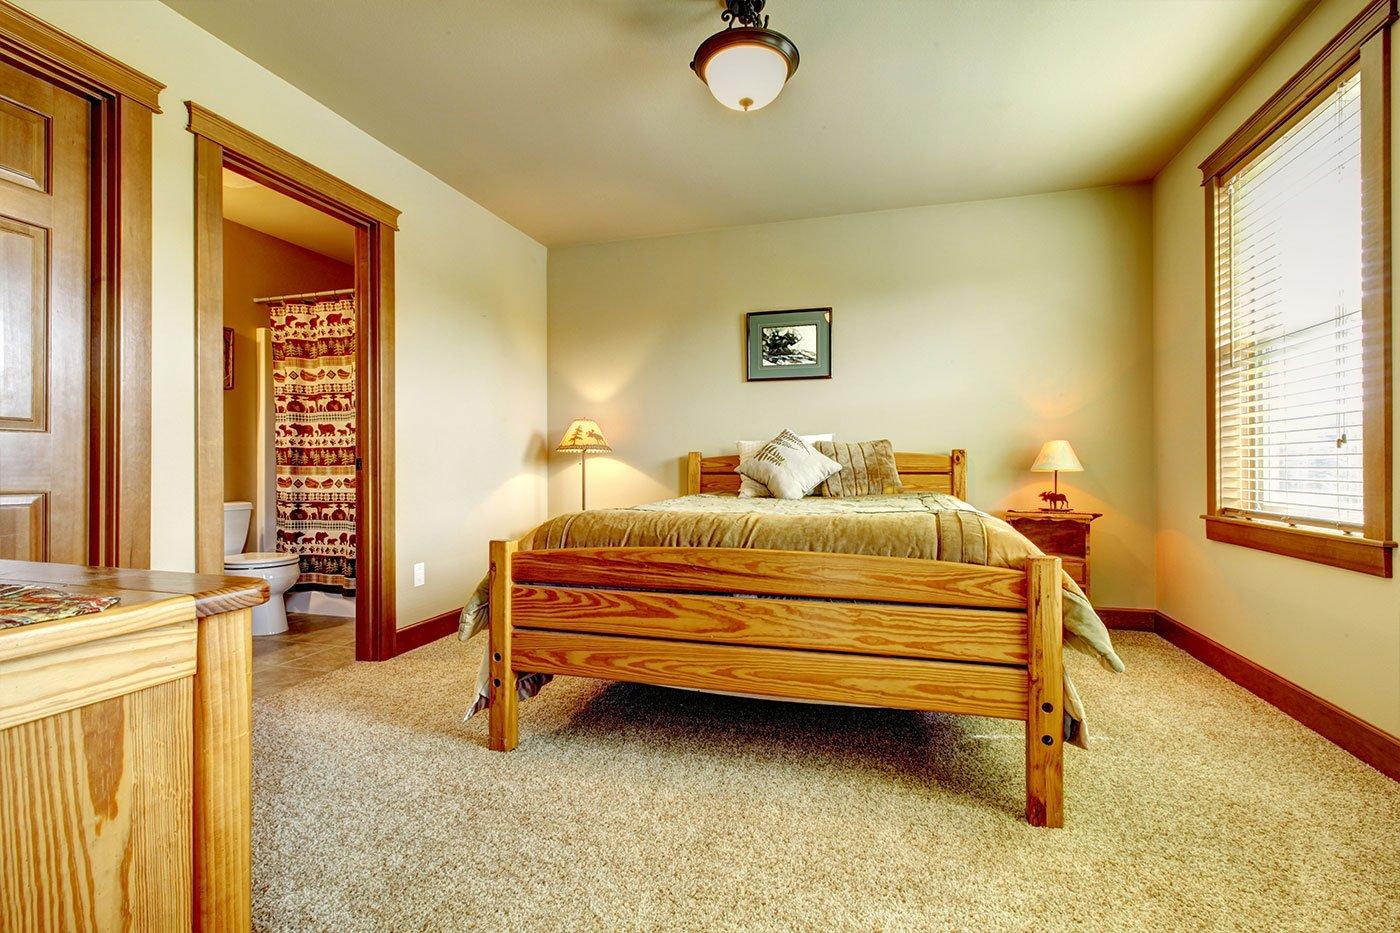 Una camera con un letto matrimoniale, due comodini e vista di un bagno con la porta aperta